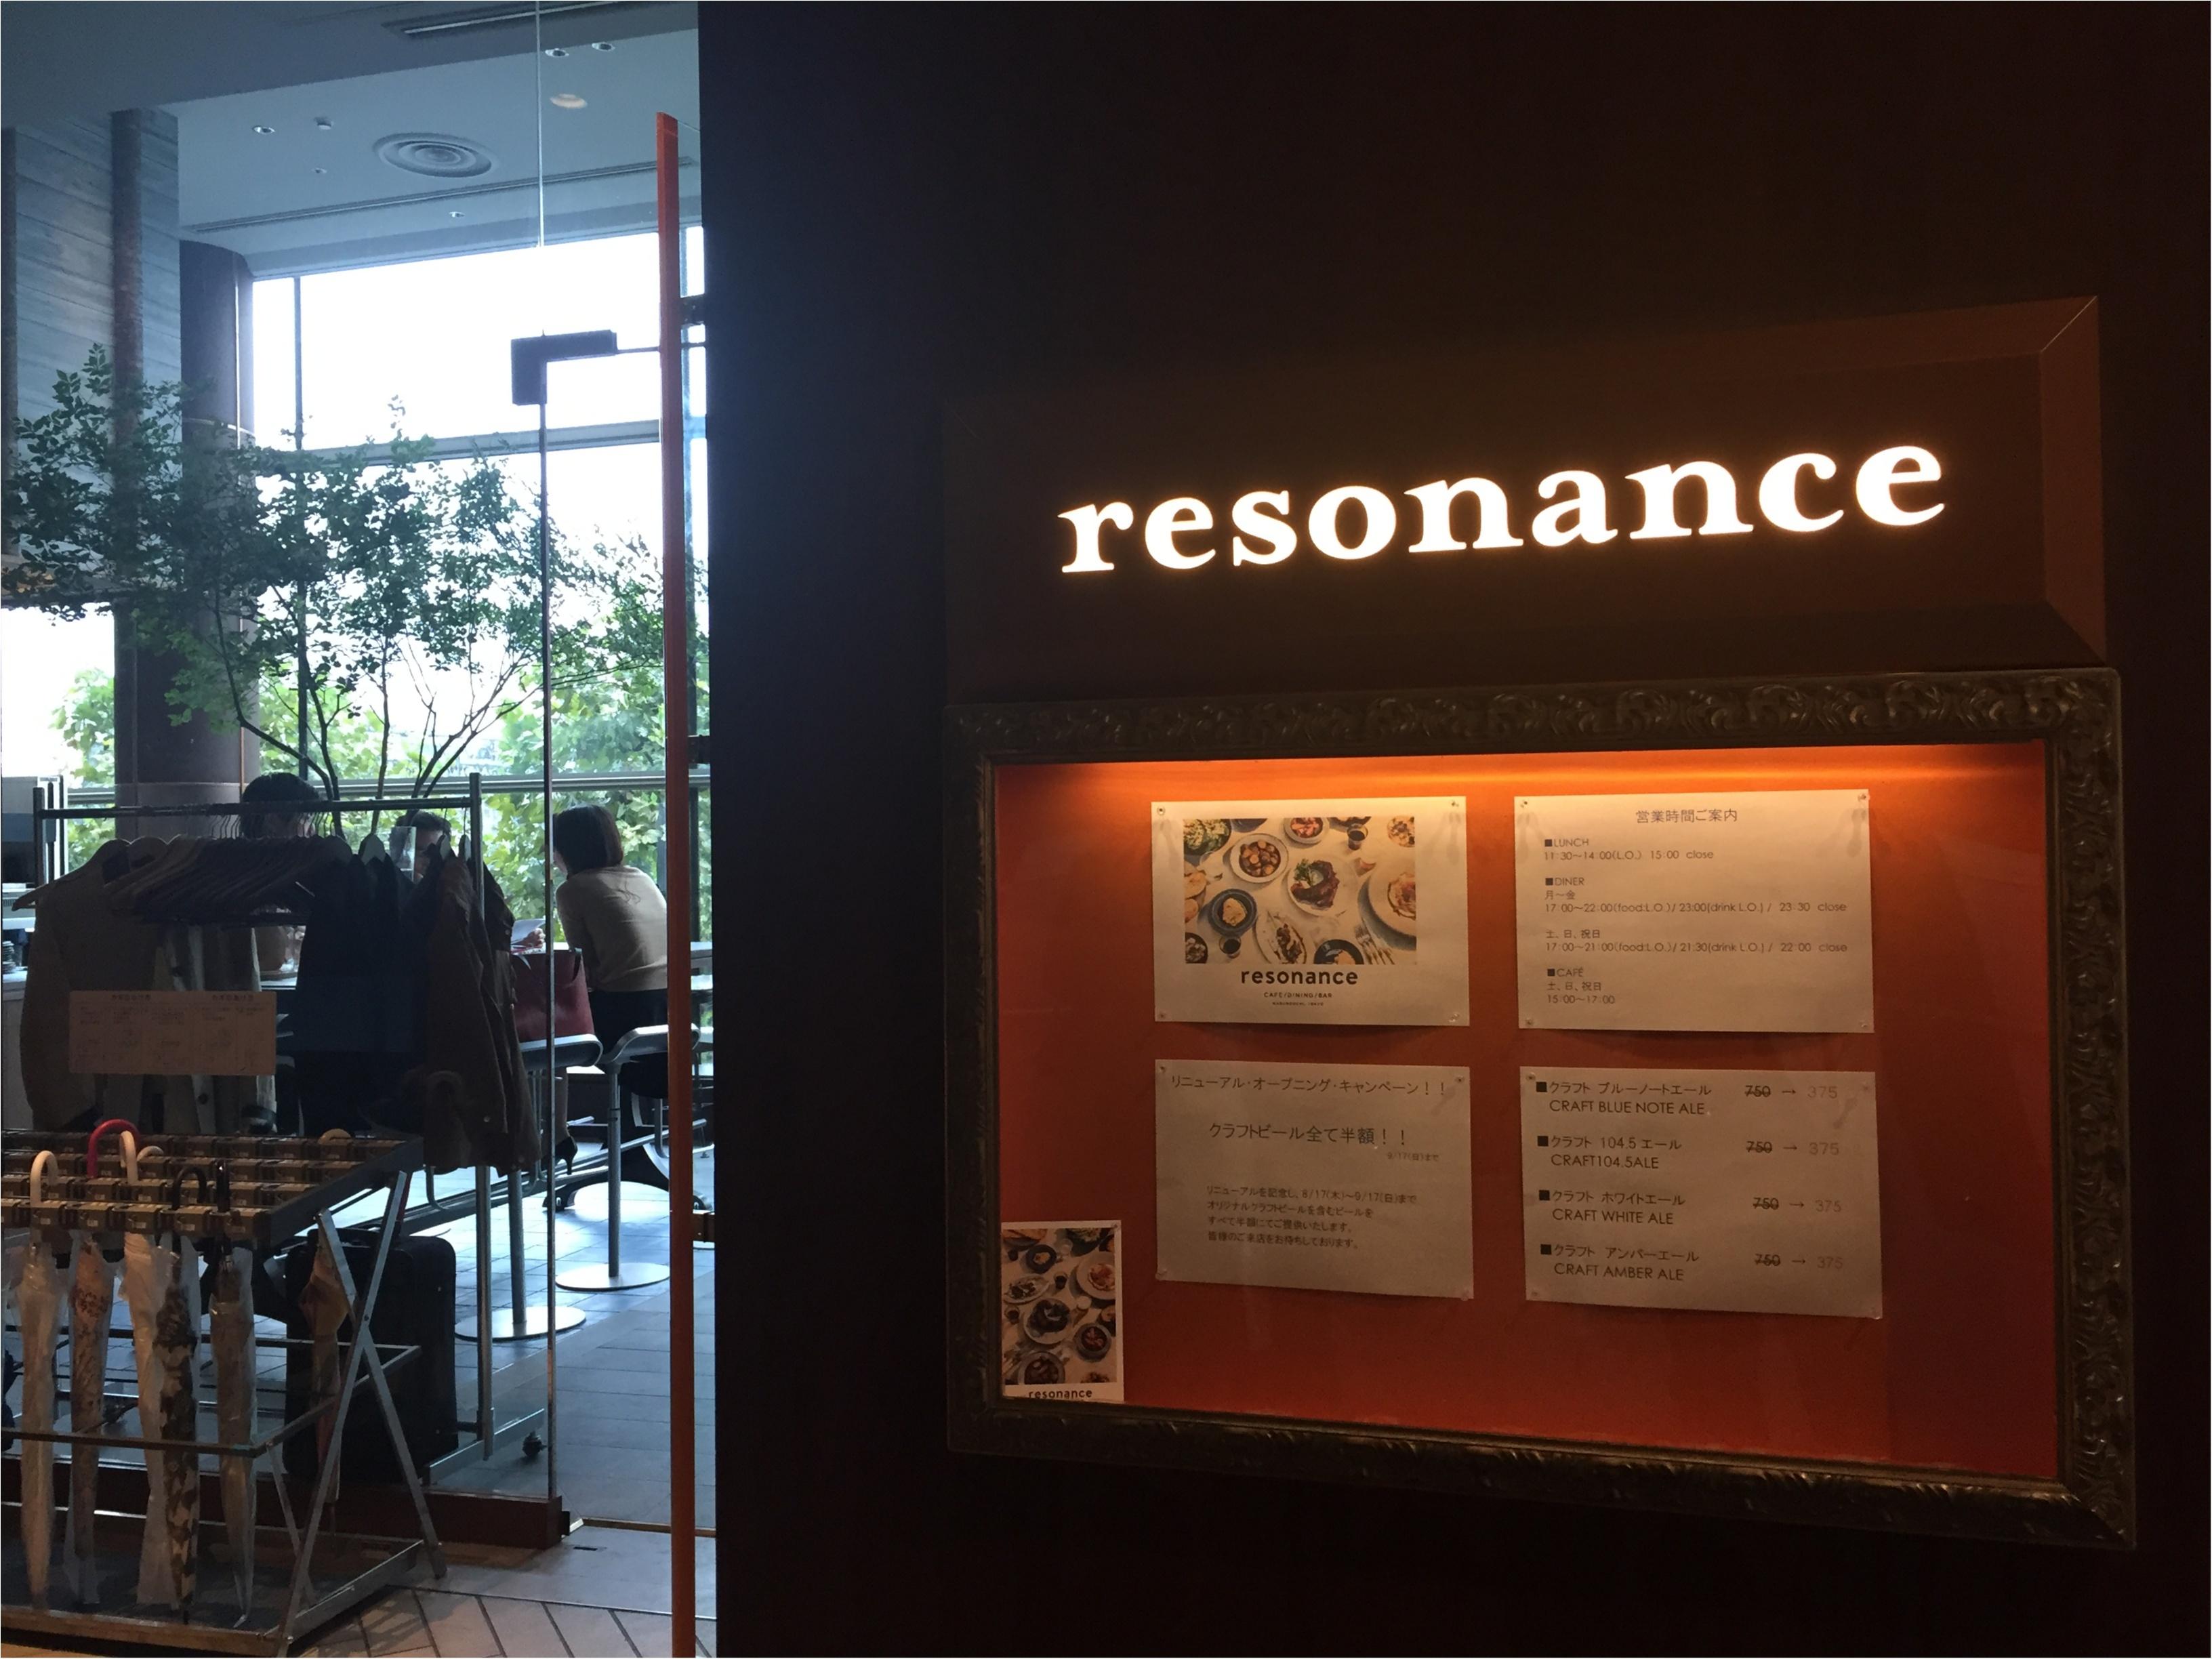 【丸の内ランチ】開放感溢れるおしゃれフレンチレストラン『resonance(レゾナンス)』で女子会を_2